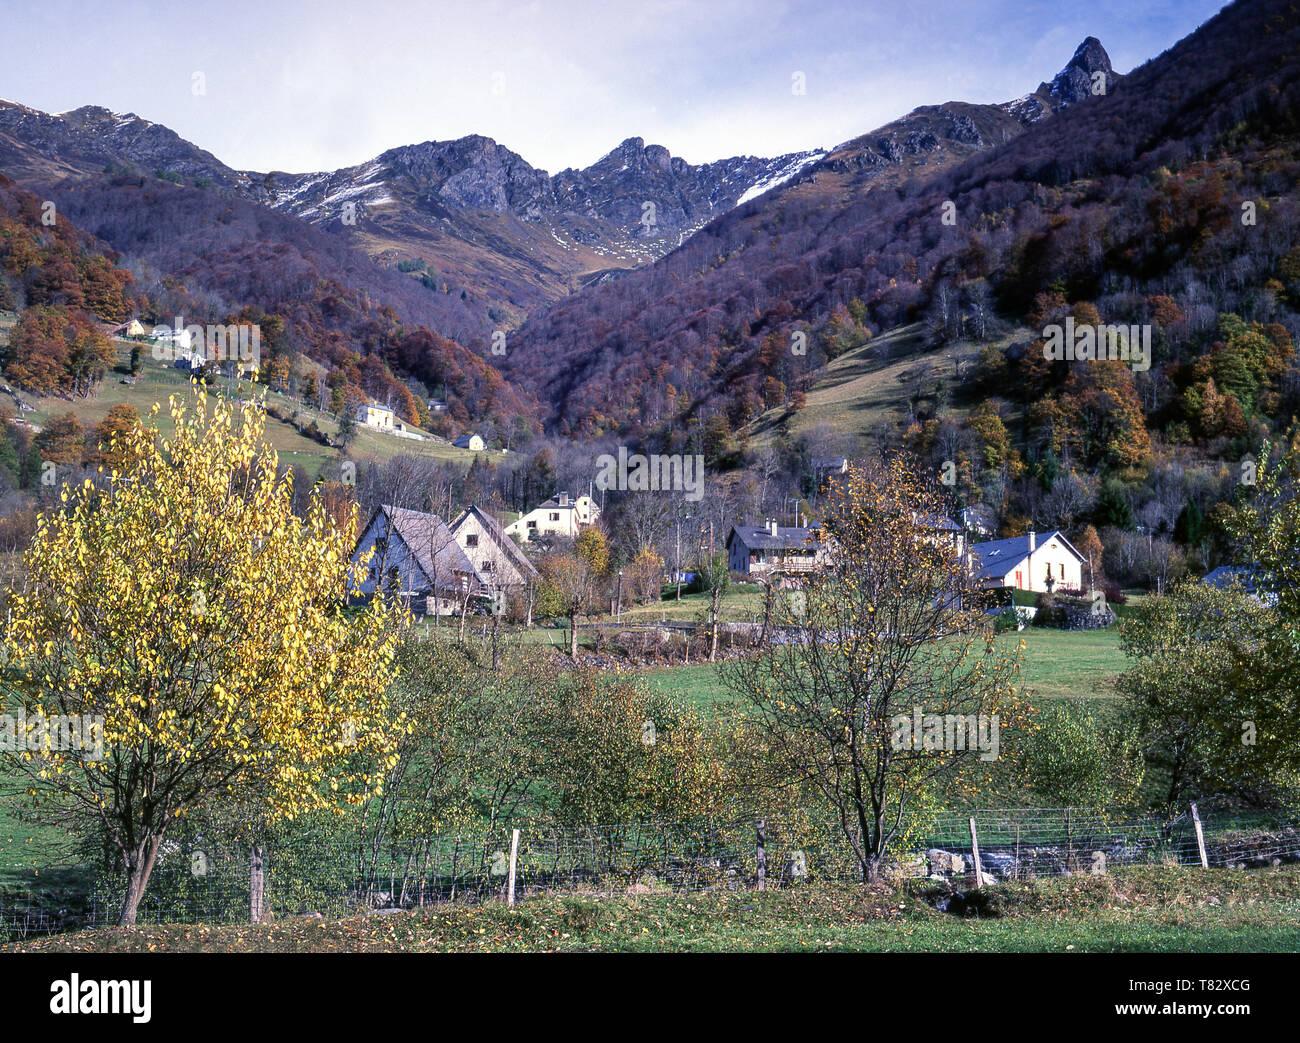 Hautes-Pyrenees.La valle del Gave de Cauterets appena al di sotto della città alpina di Cauterets Immagini Stock